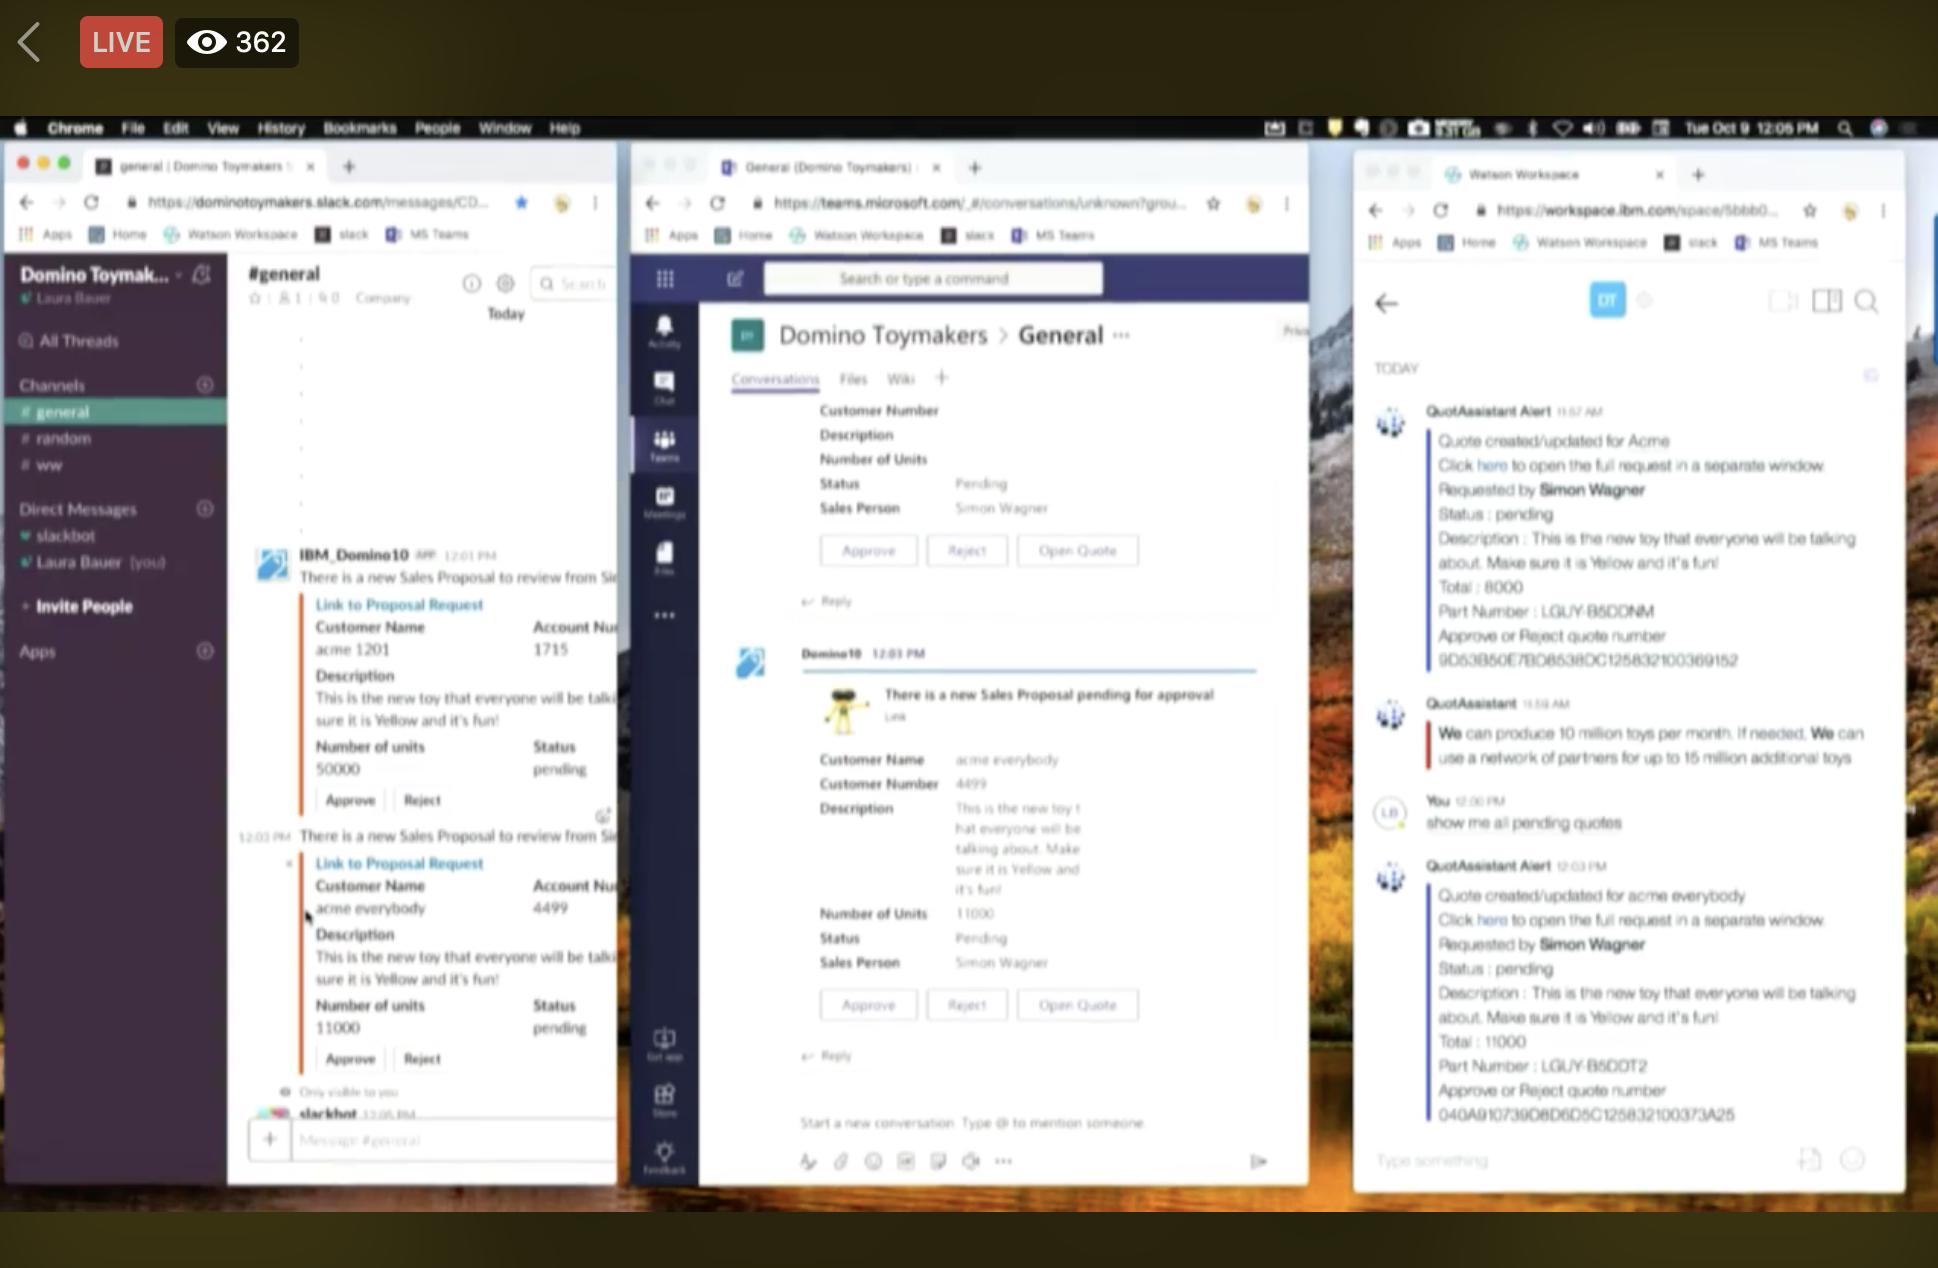 Screenshot 2018-10-09 at 11.05.53